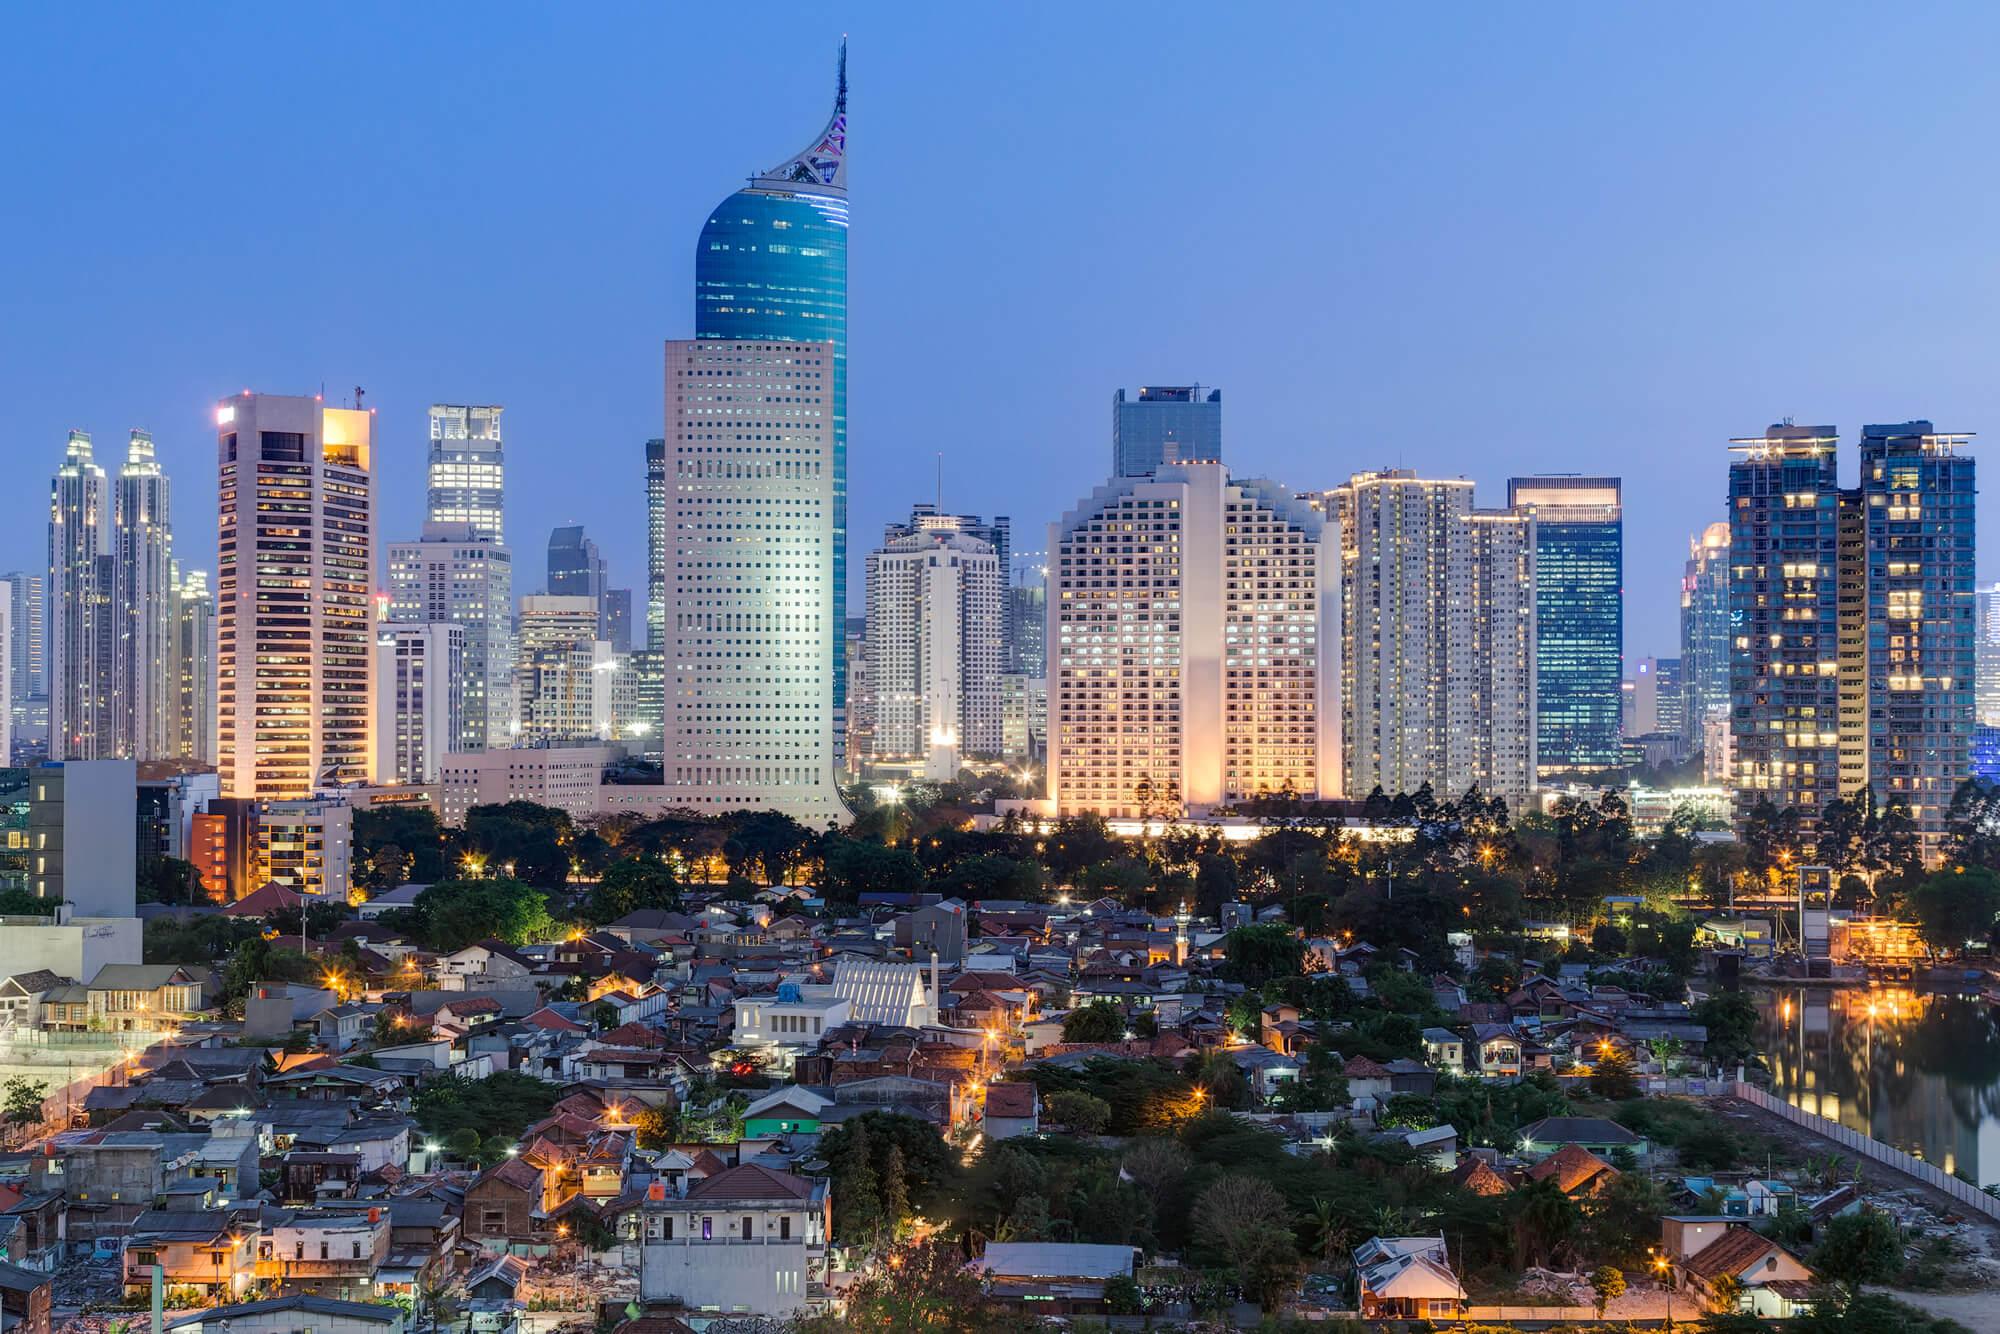 Jakarta Downtown Skyline